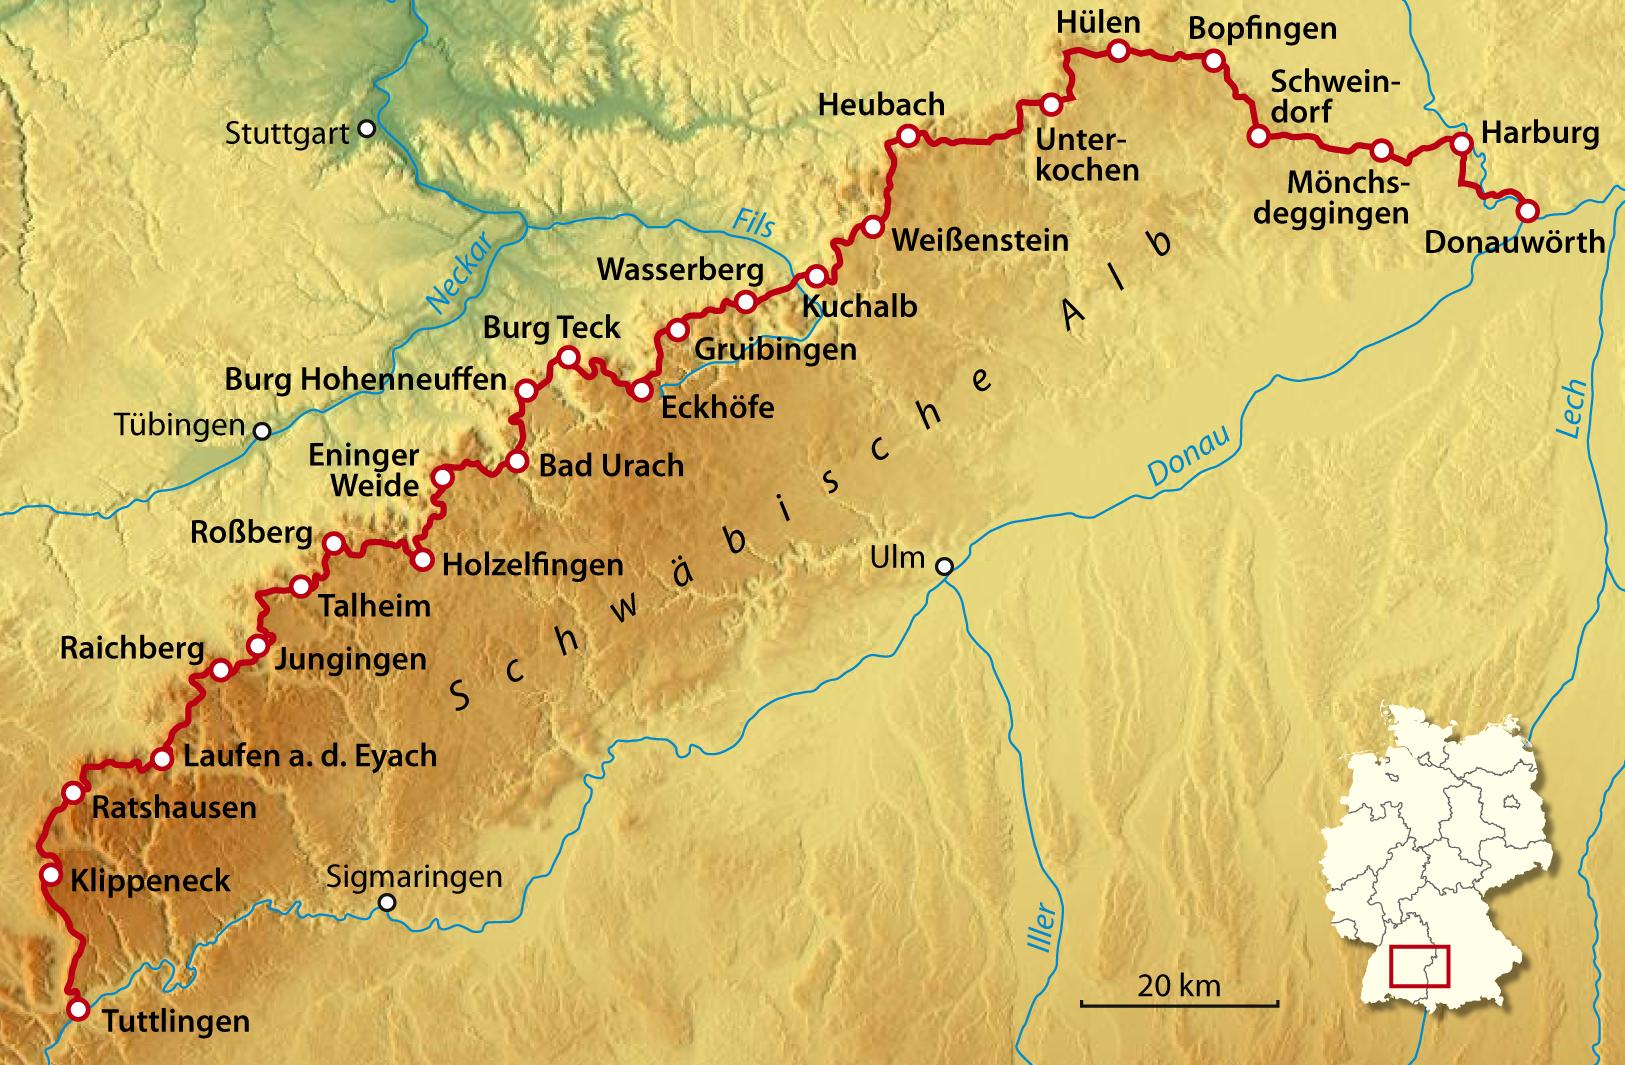 schwäbische alb karte Datei:Karte Schwäbische Alb Nordrand Weg.png – Wikipedia